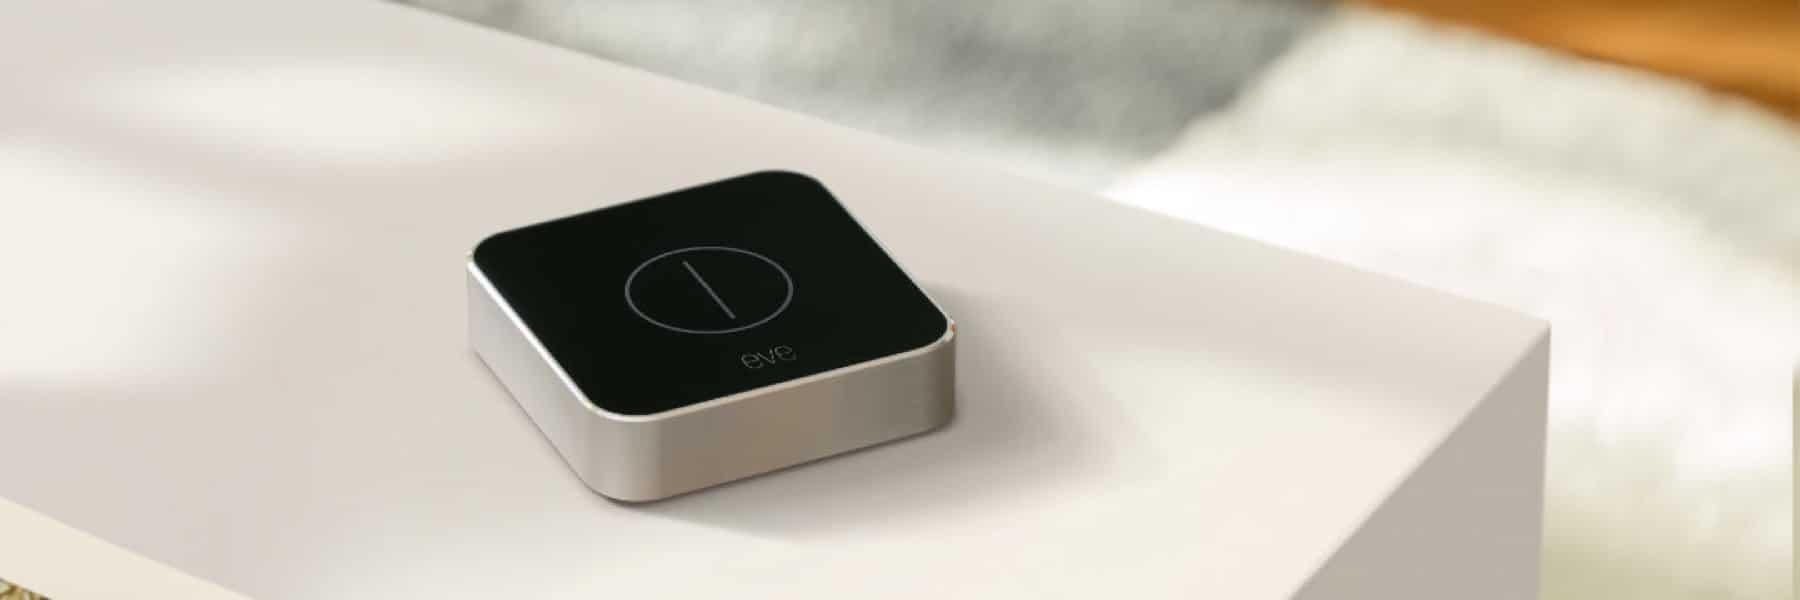 Elgato Eve Button: Stylischer HomeKit Schalter erhältlich